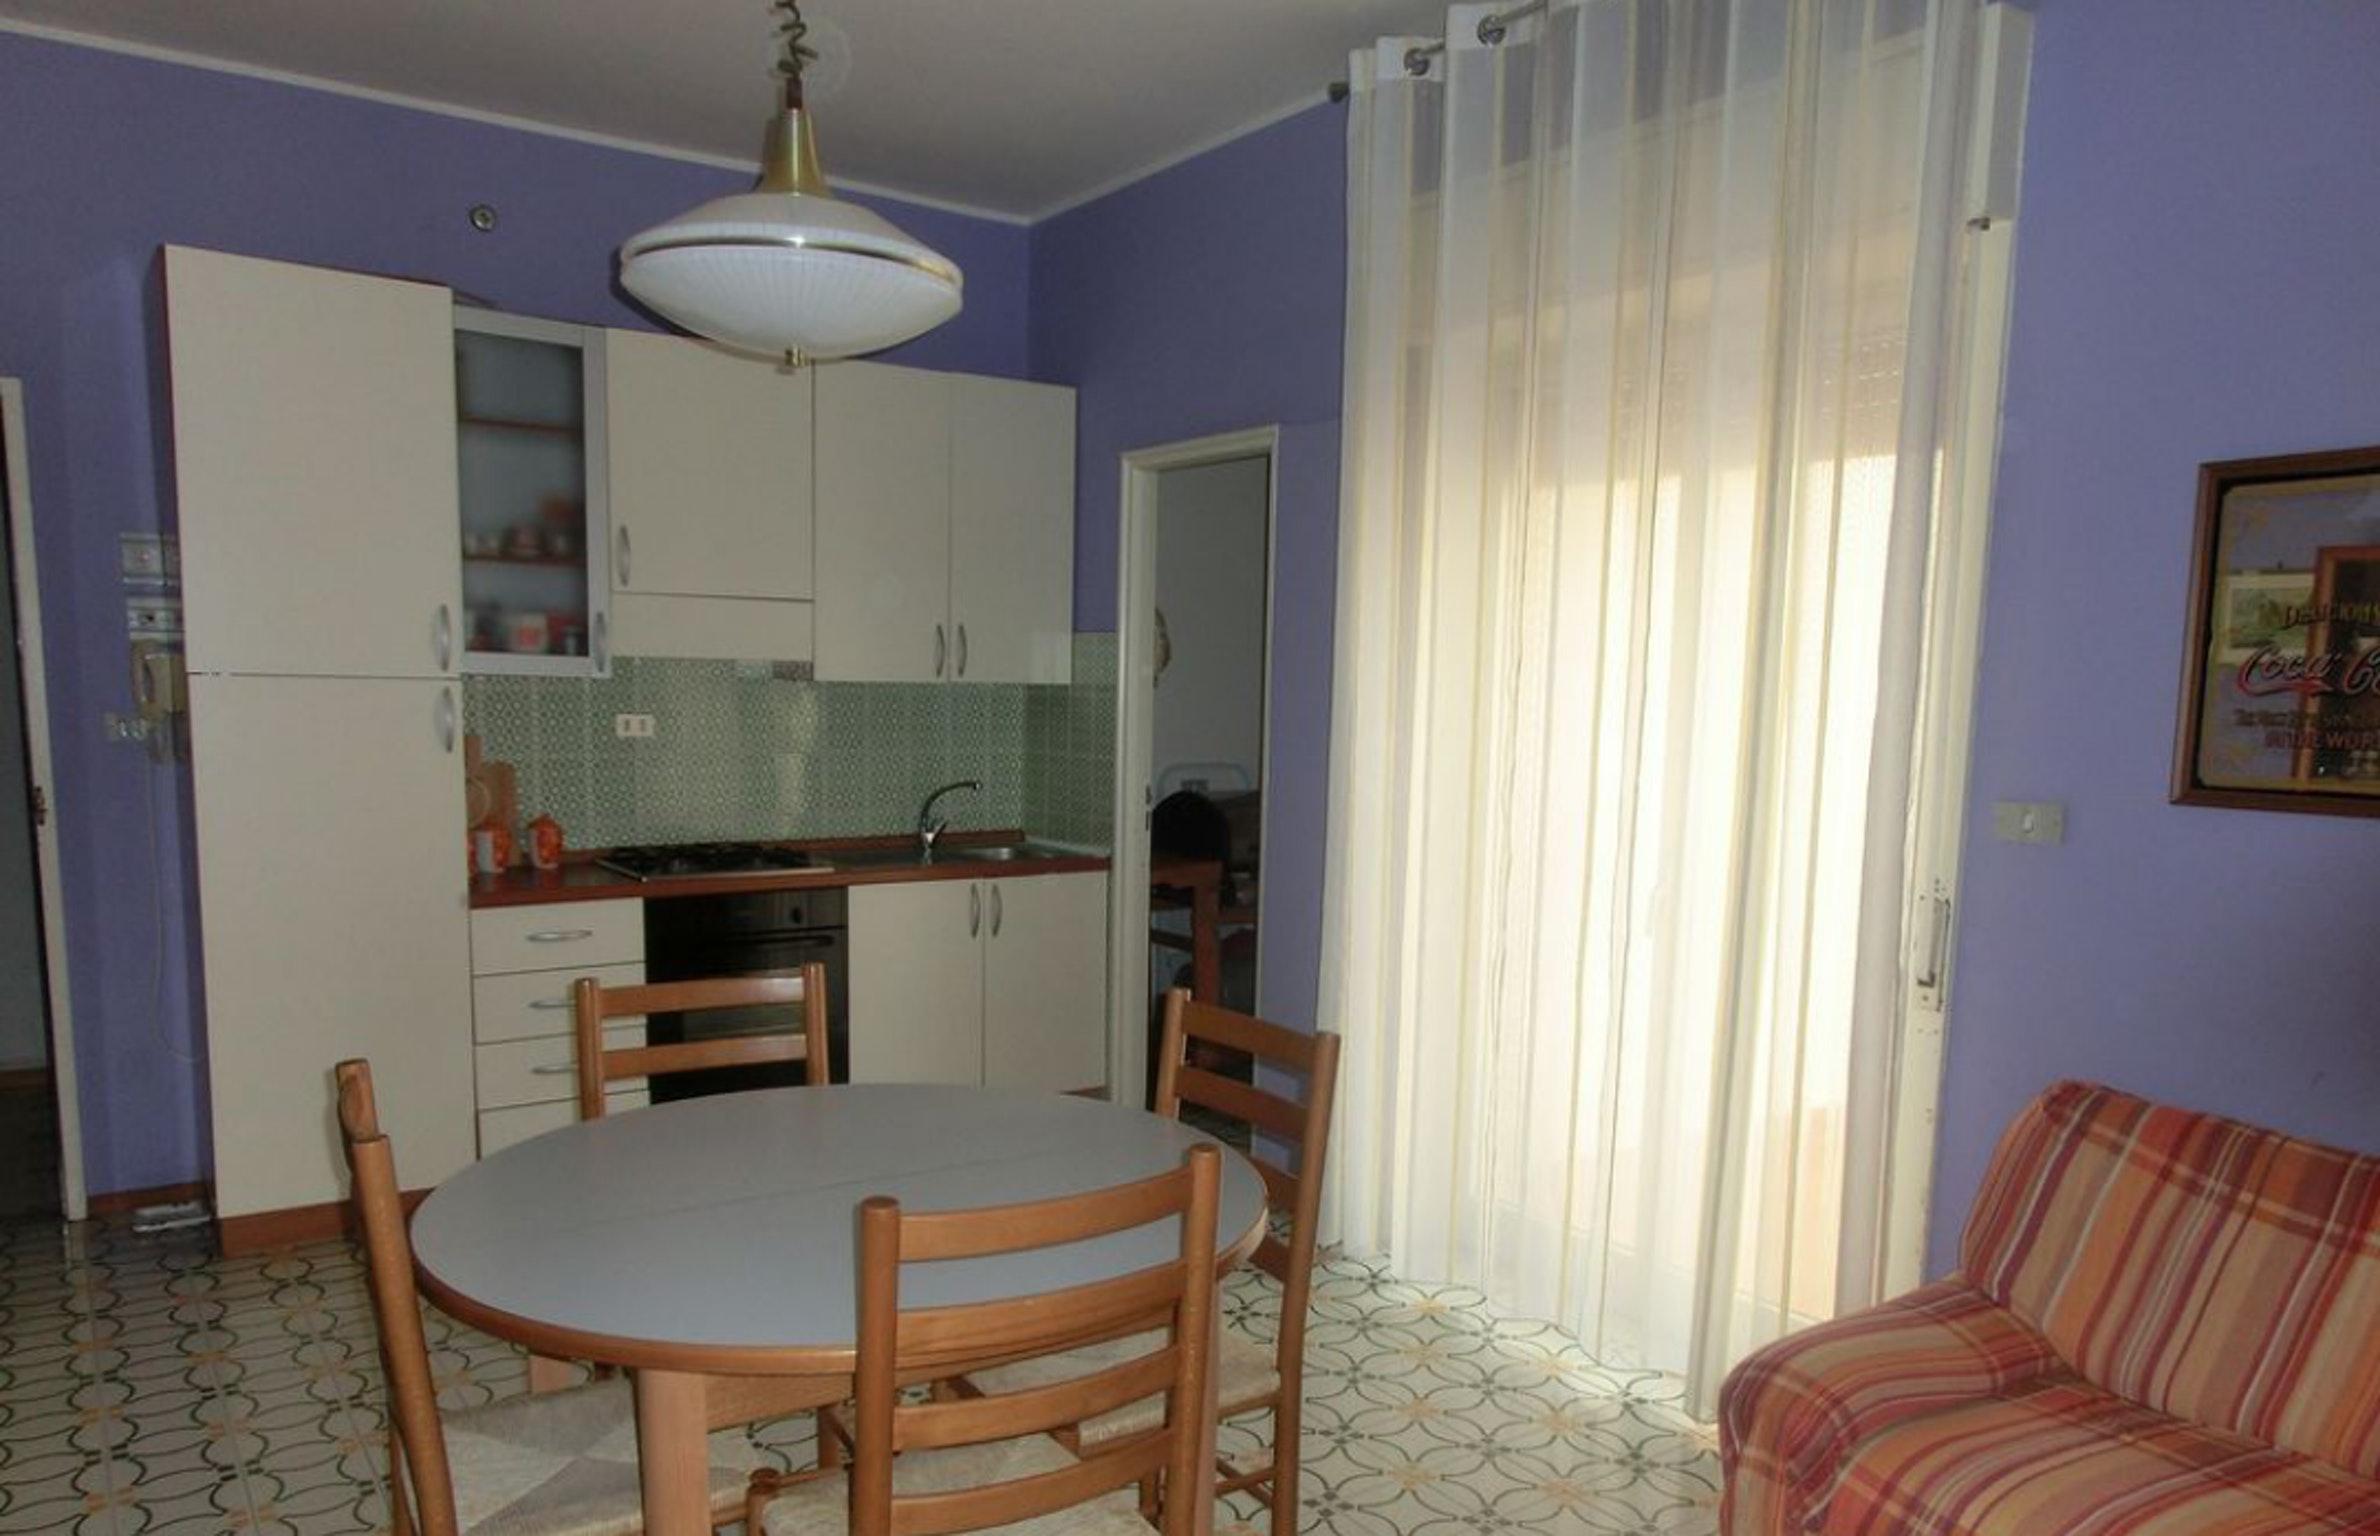 Appartement de vacances Wohnung mit einem Schlafzimmer in Chianchitta-pallio mit eingezäuntem Garten und W-LAN - 7 (2622211), Santa Maria di Licodia, Catania, Sicile, Italie, image 7